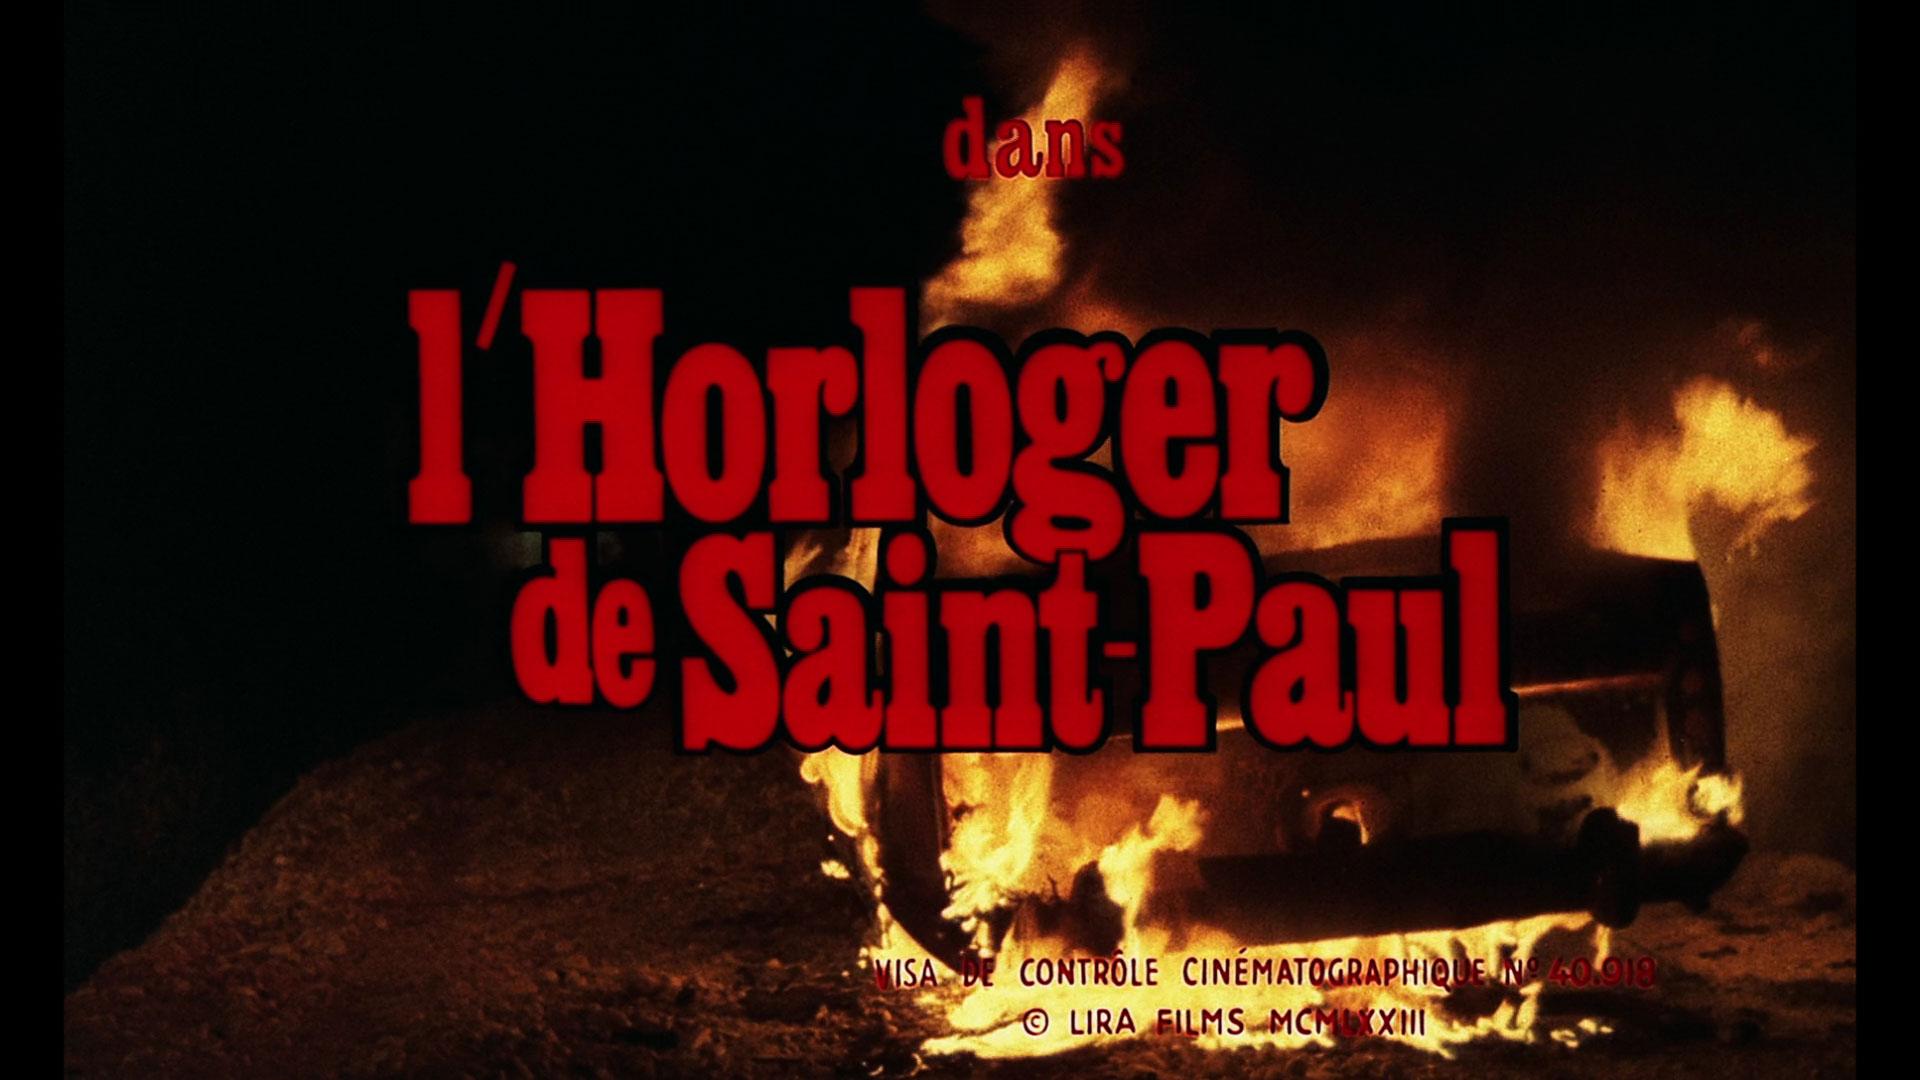 L'Horloger-de-Saint-Paul